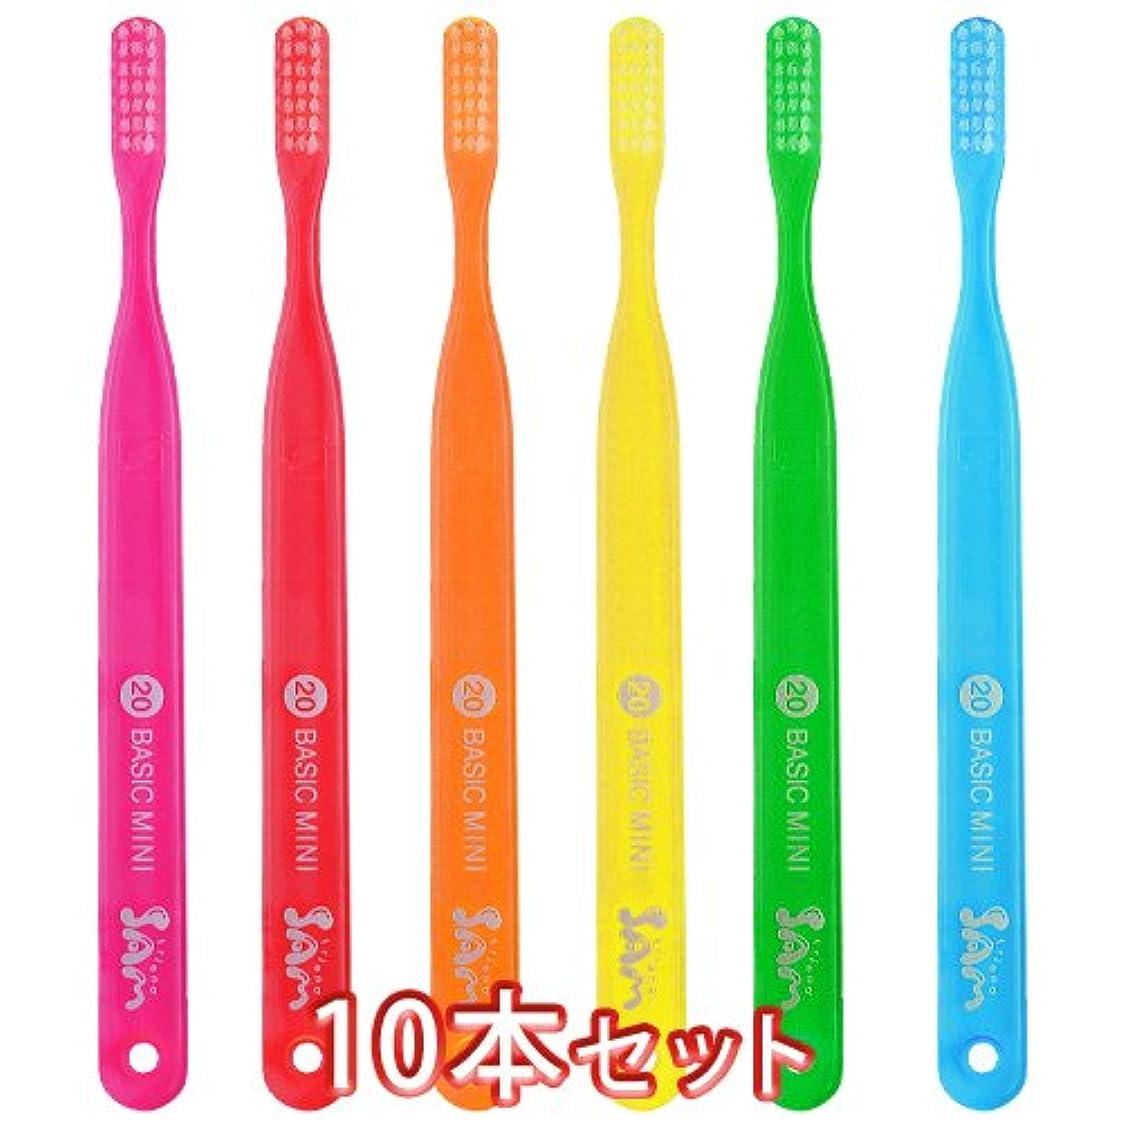 即席事実ダースサムフレンド ベーシック 歯ブラシ 10本 (#20)